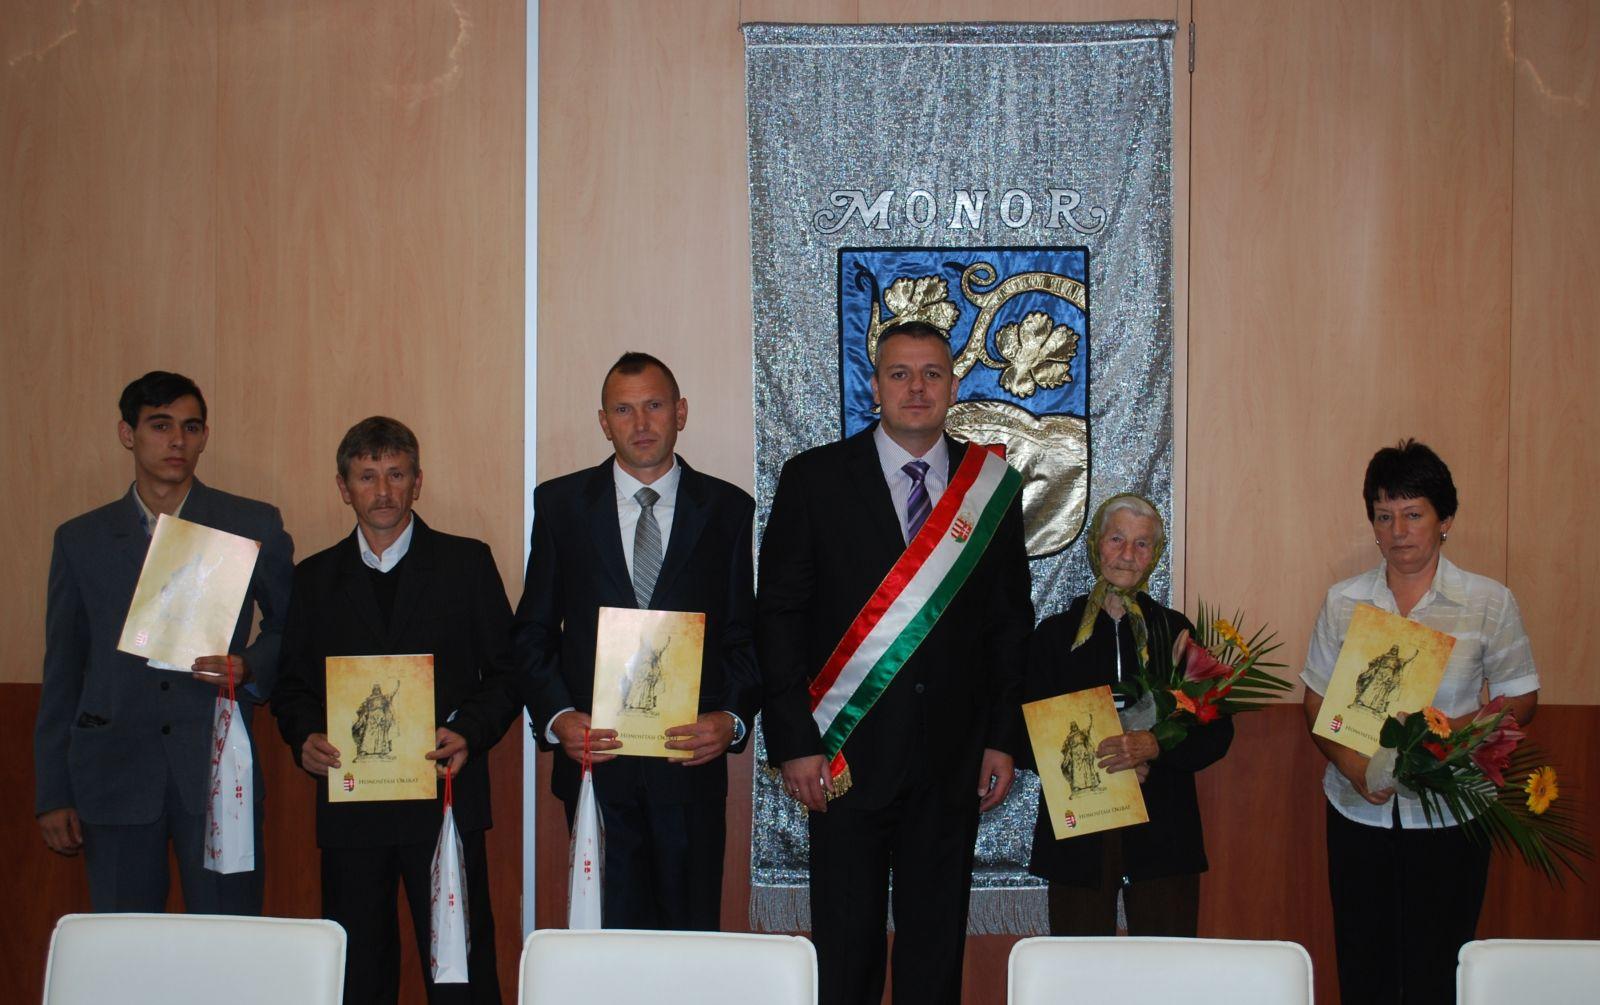 Magyar felmenőkkel rendelkező lakosok tettek állampolgársági esküt Monoron